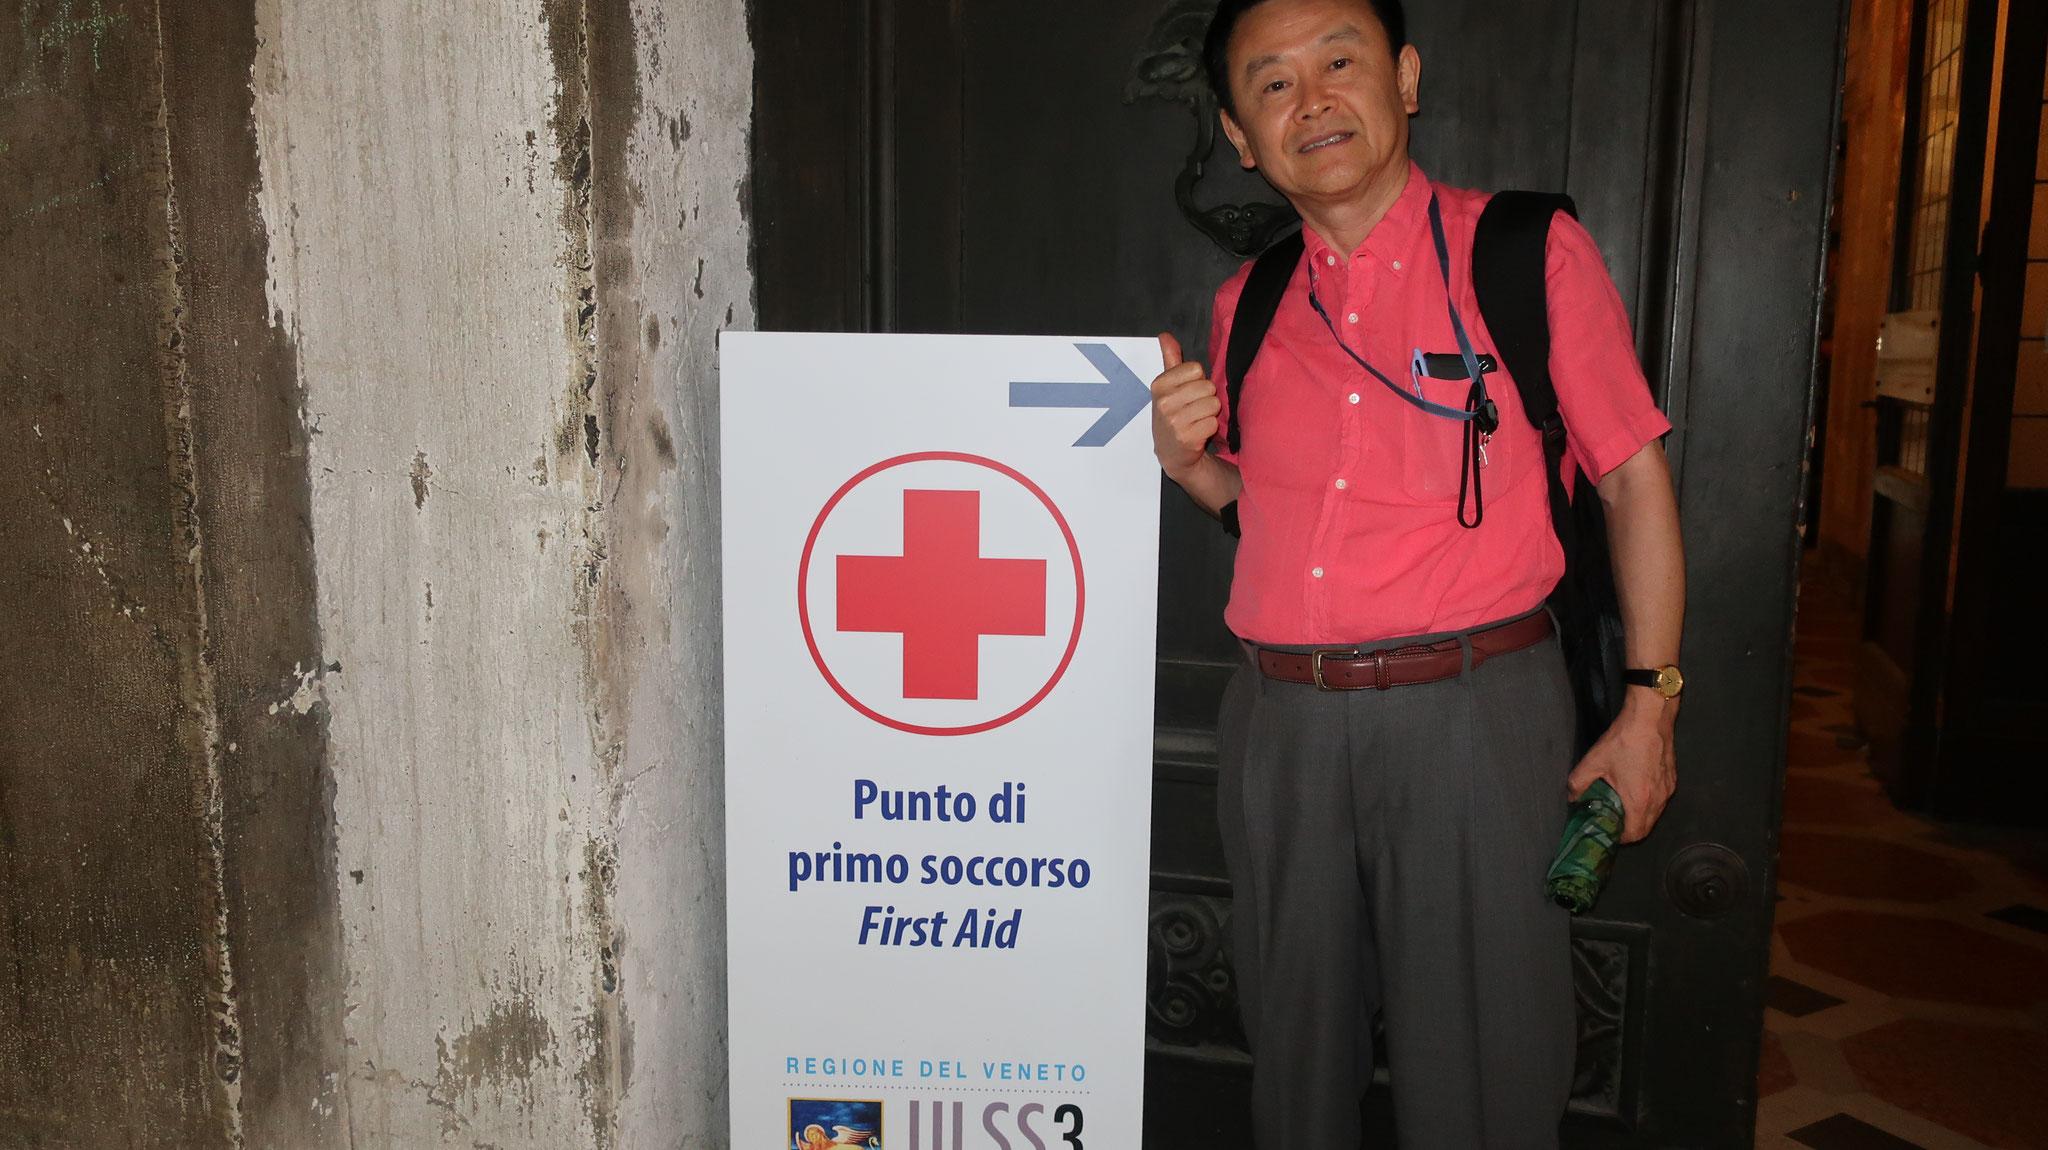 再び、サン・マルコ広場。救急診療所。